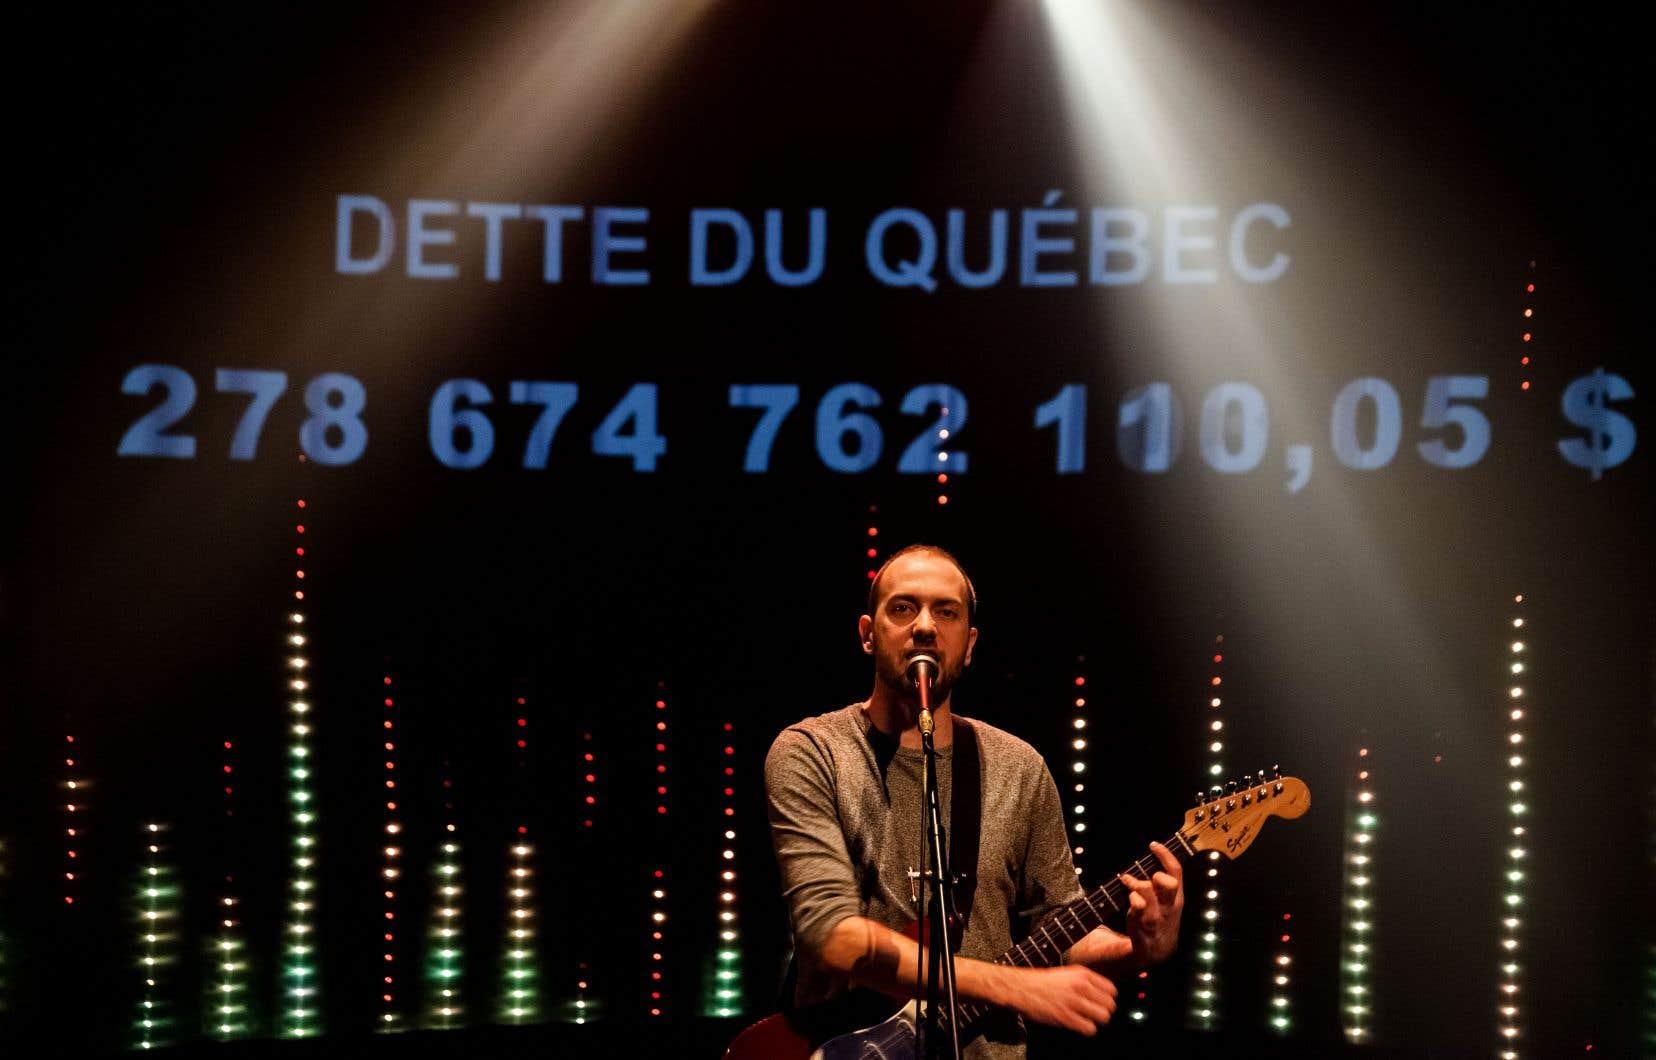 Le spectacle de Jean-François Boisvenue comporte des éléments grinçants, tel un discours de Philippe Couillard revisité sur un solo de guitare métal…